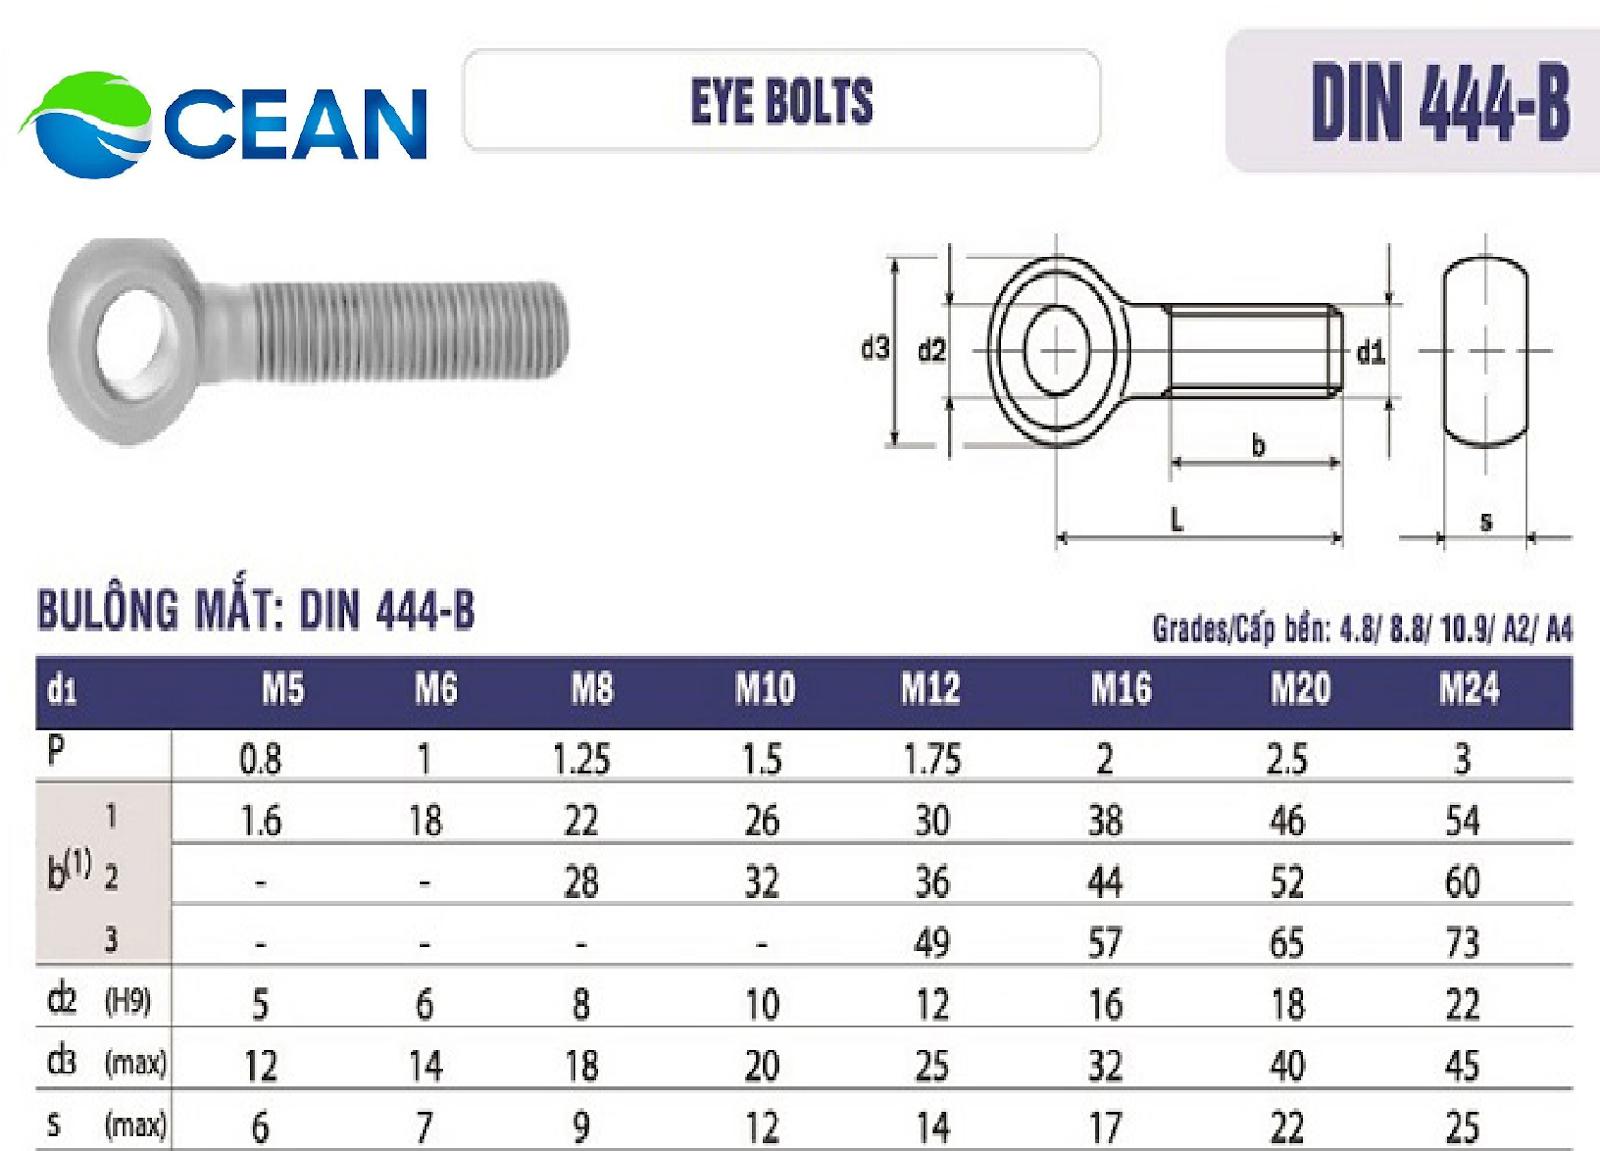 Thông số tiêu chuẩn của bu lông mắt DIN 444-B